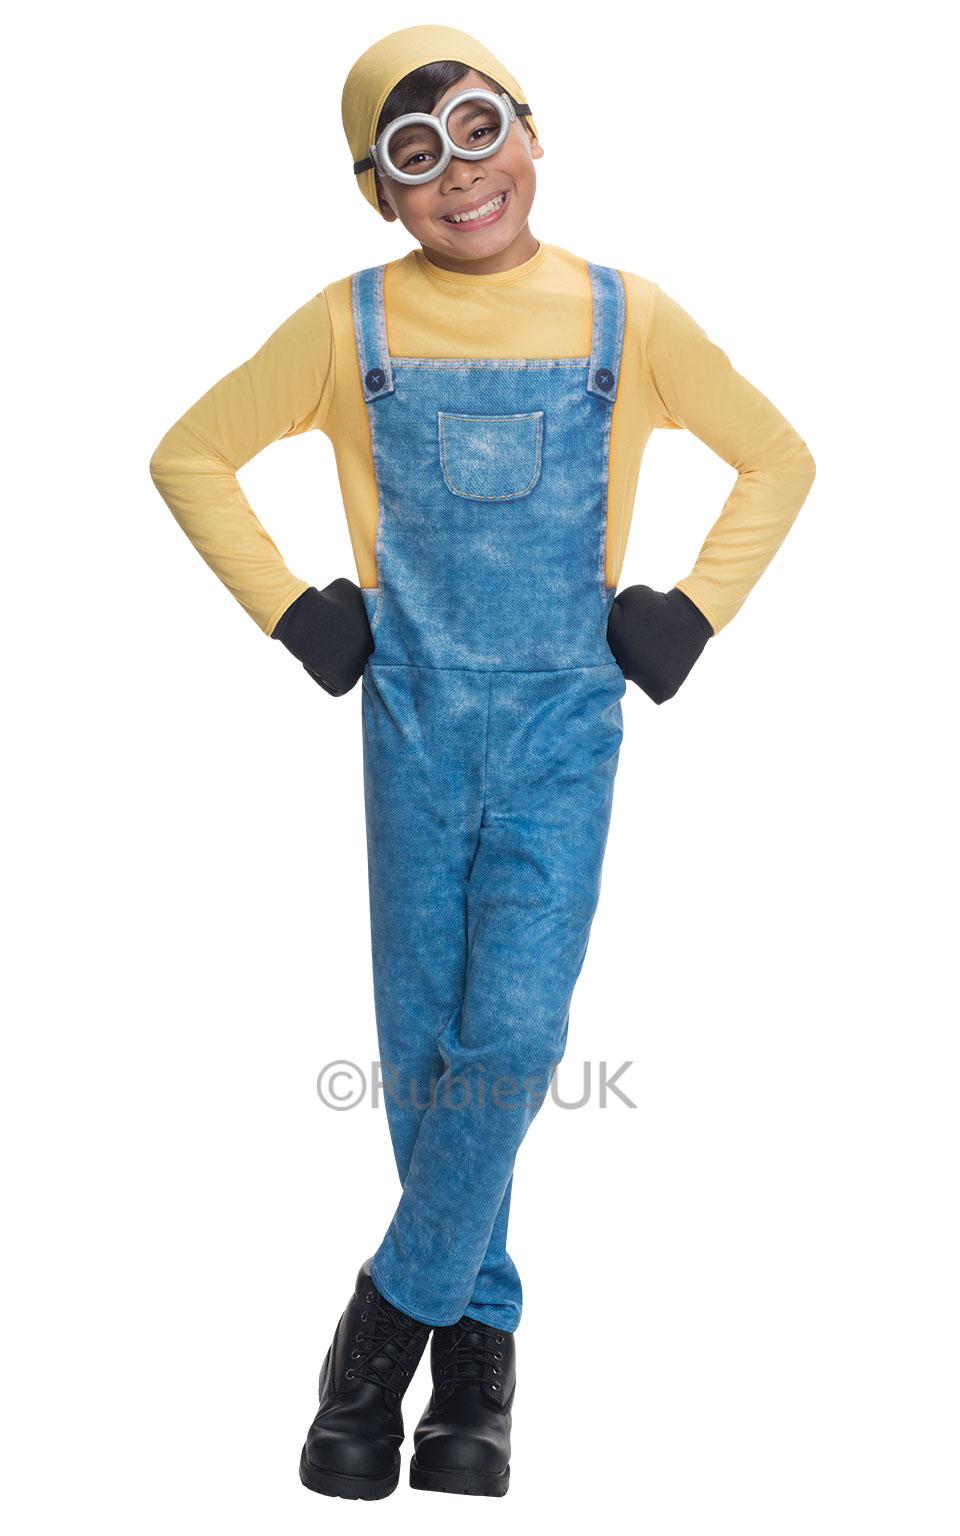 Minion Costume Kids Halloween Fancy Dress